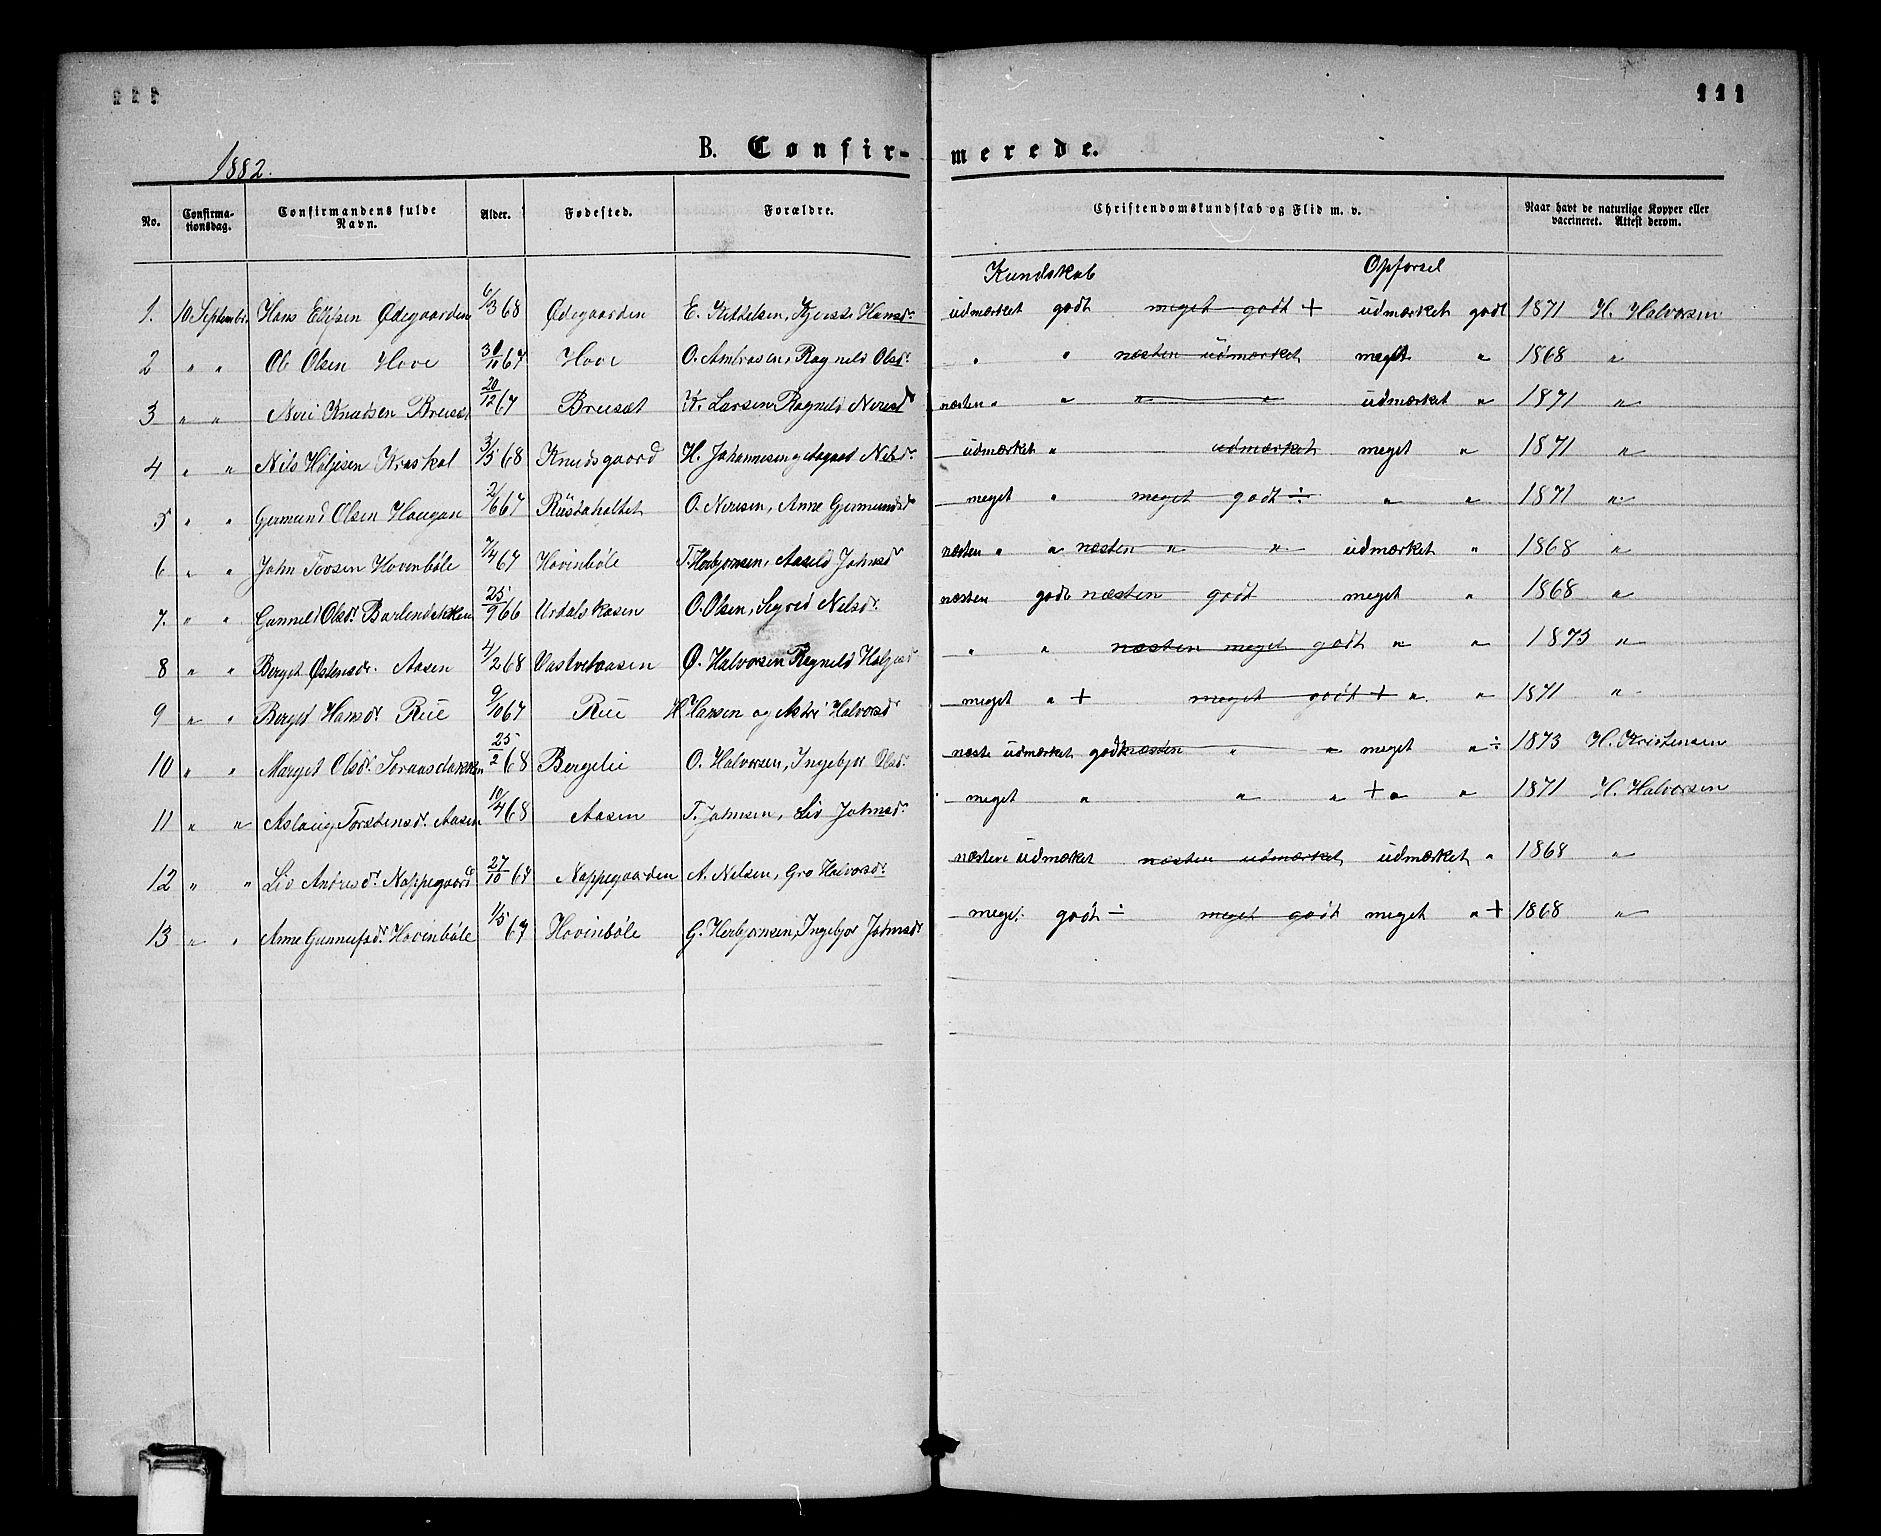 SAKO, Gransherad kirkebøker, G/Gb/L0002: Klokkerbok nr. II 2, 1860-1886, s. 111